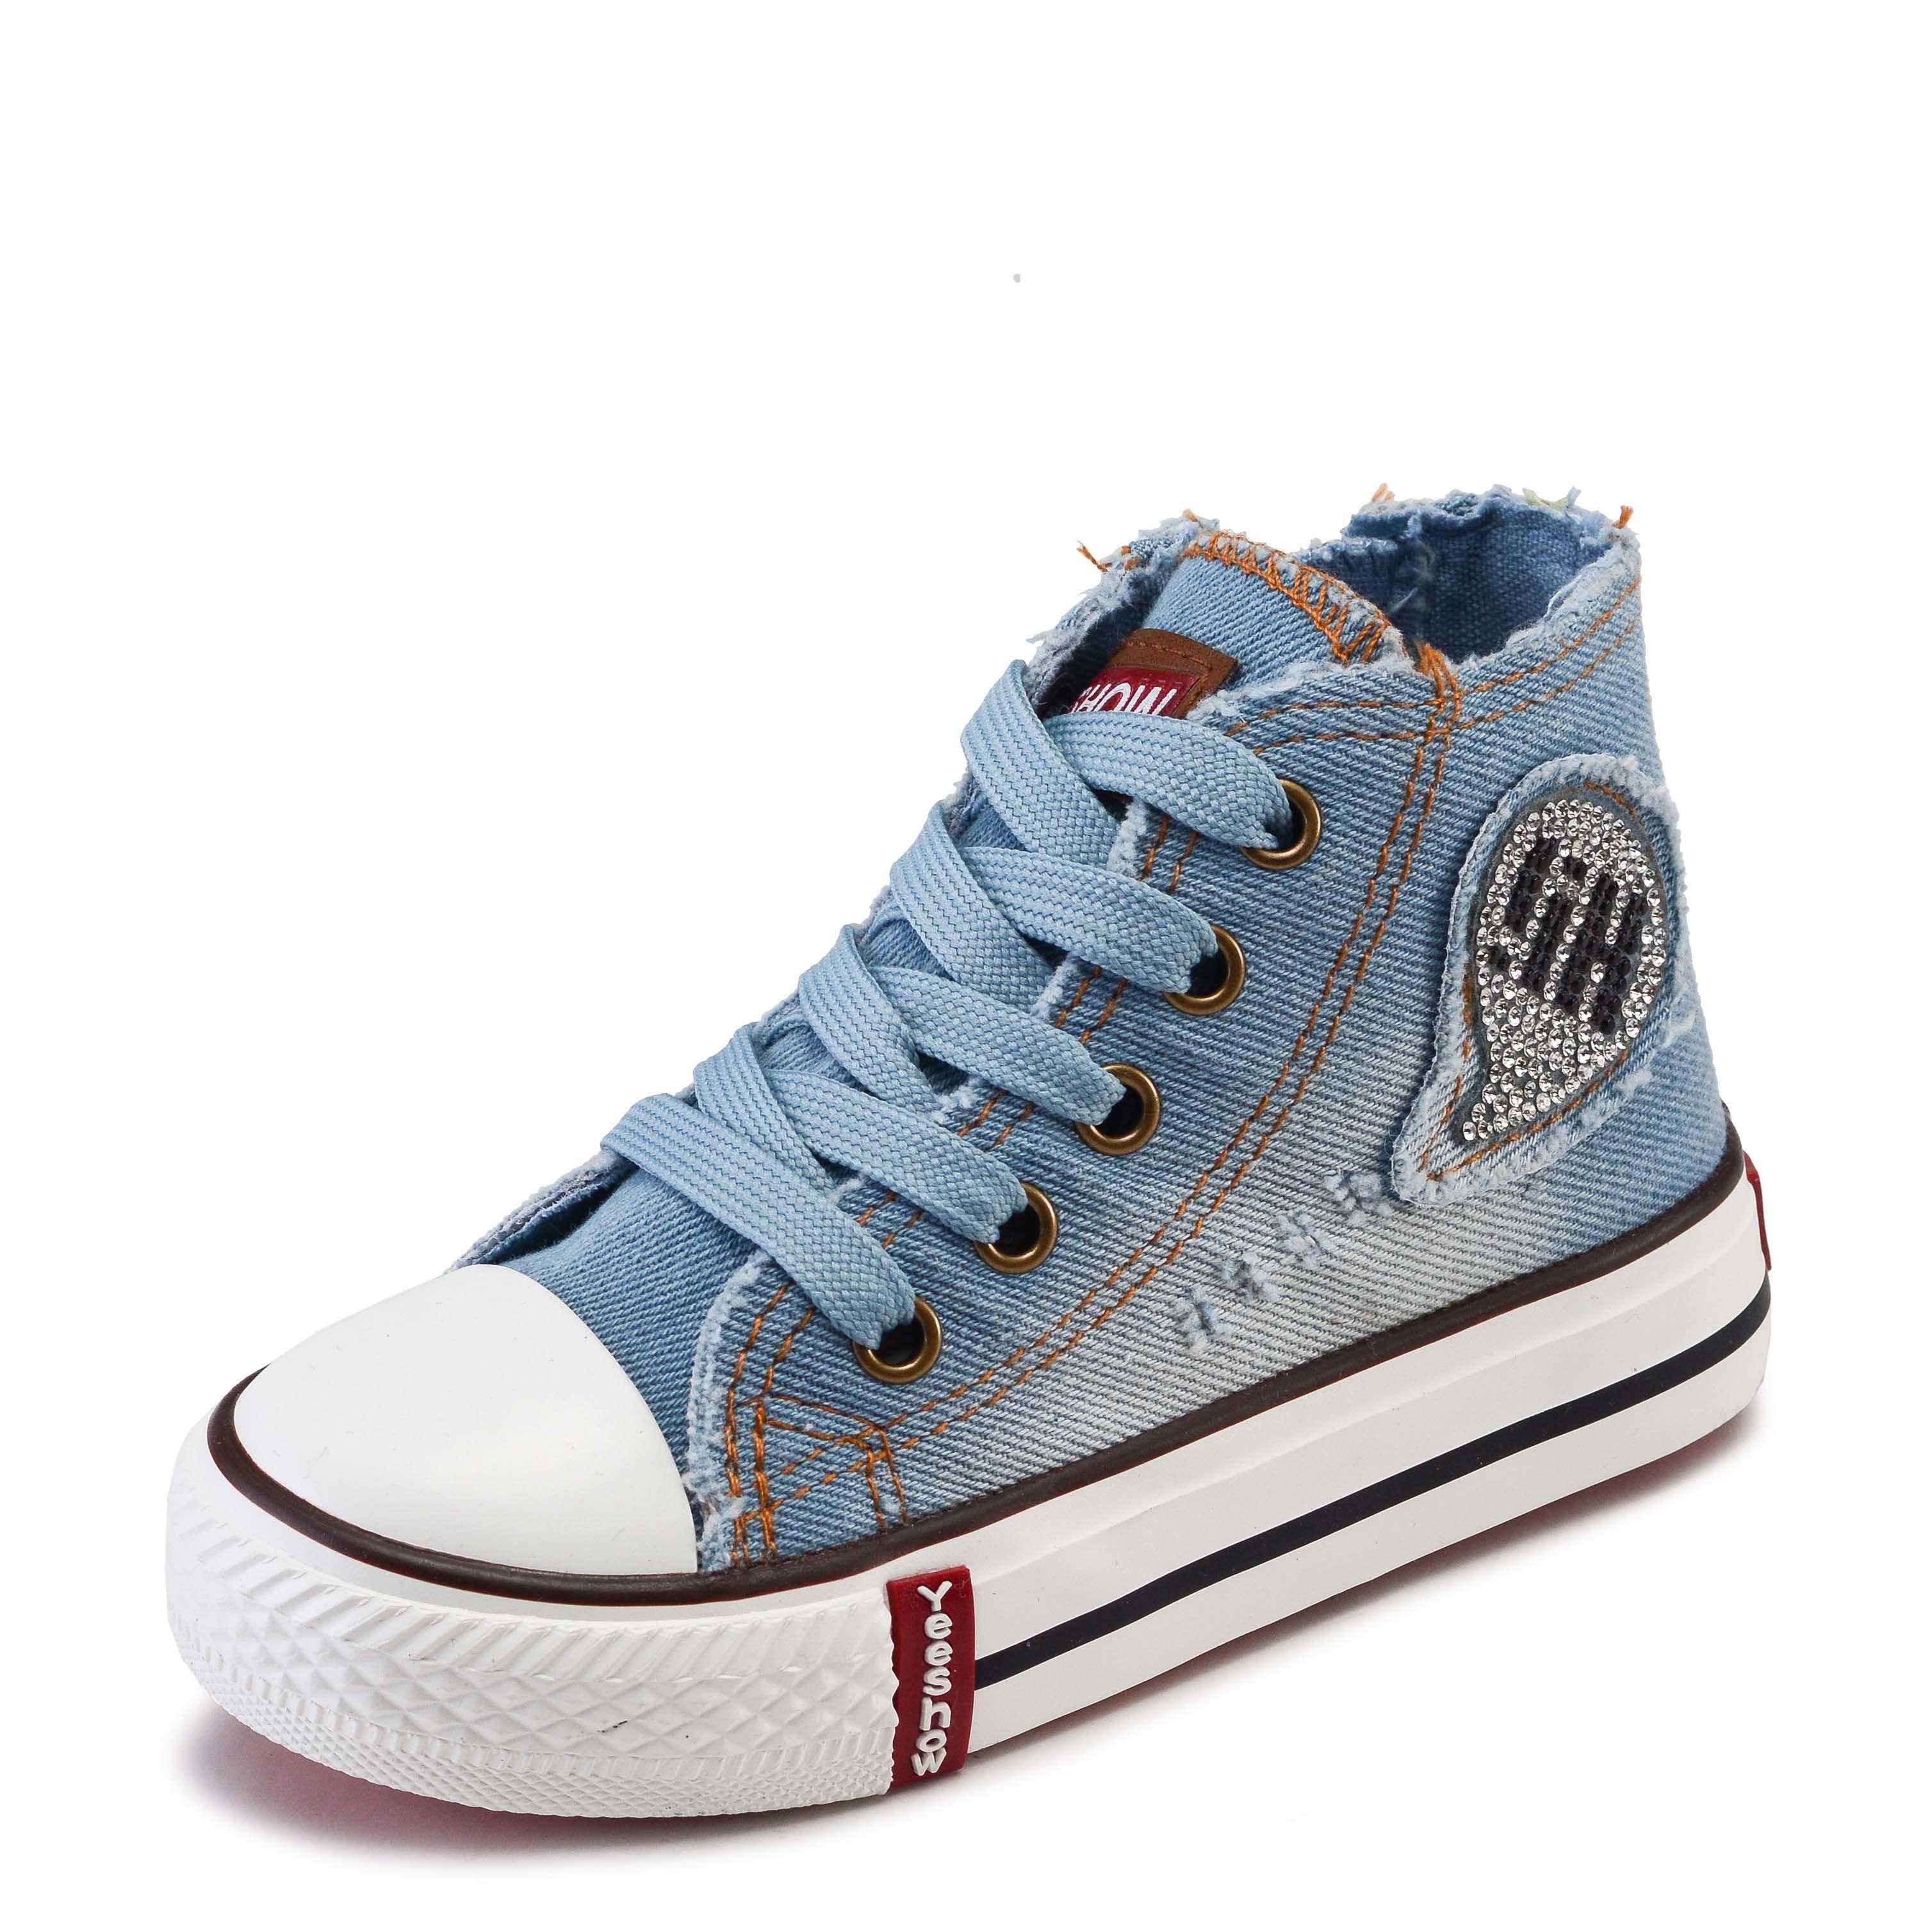 أطفال أحذية بنين بنات أحذية 2017 الخريف أزياء الأطفال عارضة الأحذية مع الجانب البريدي مريحة عالية أعلى حذاء قماش الأحذية